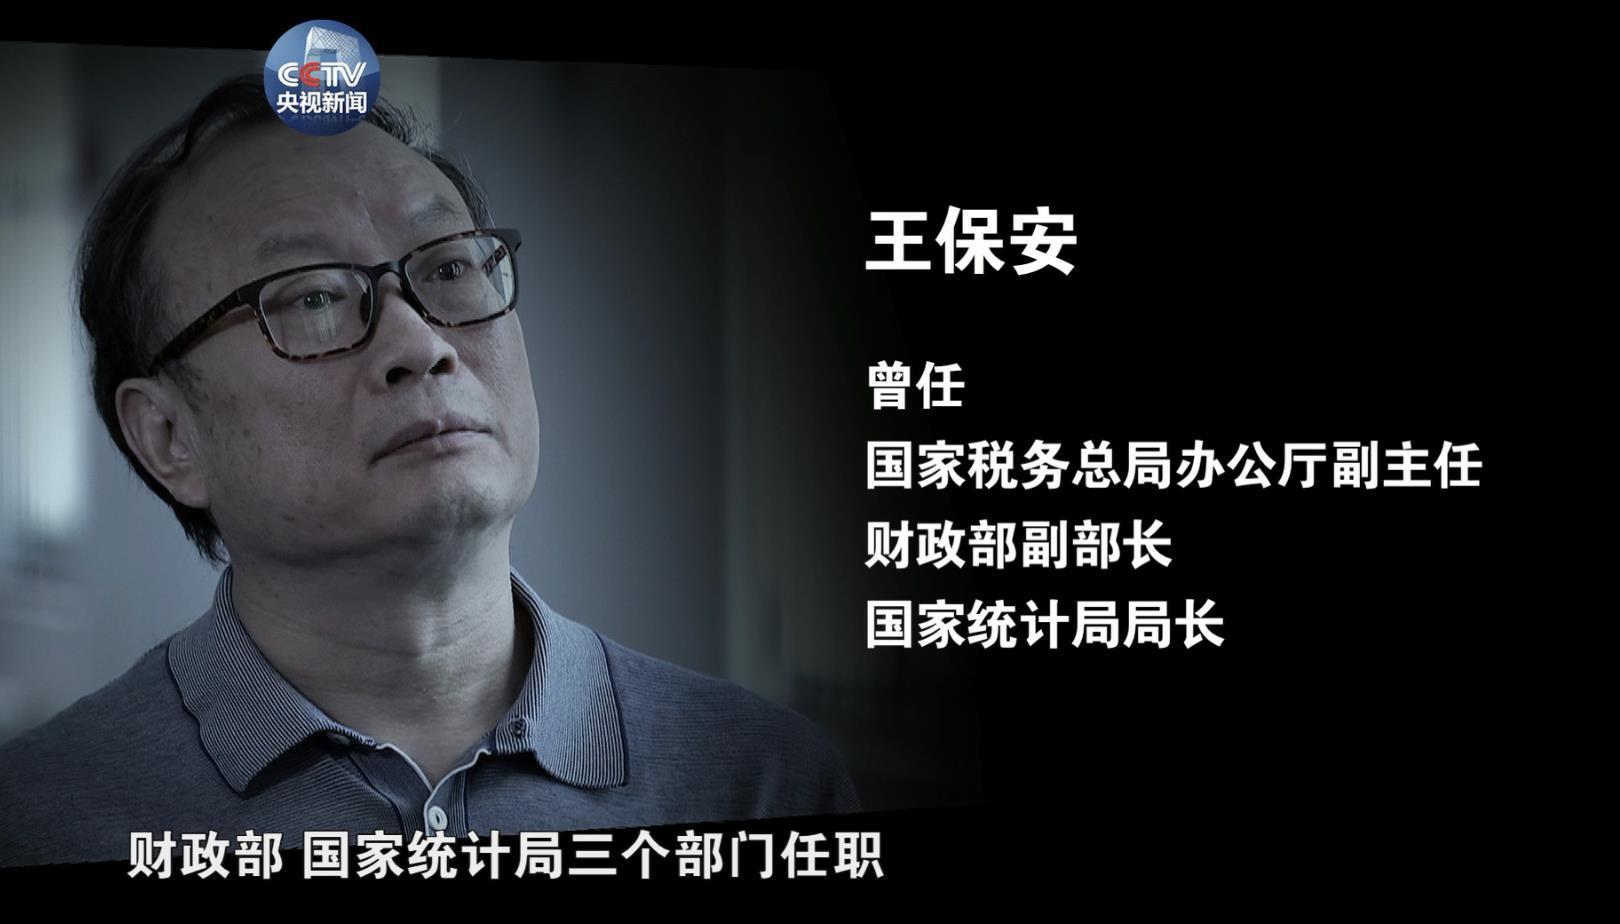 总局内部会议为退赛定调刘国梁发声表态拥护改革